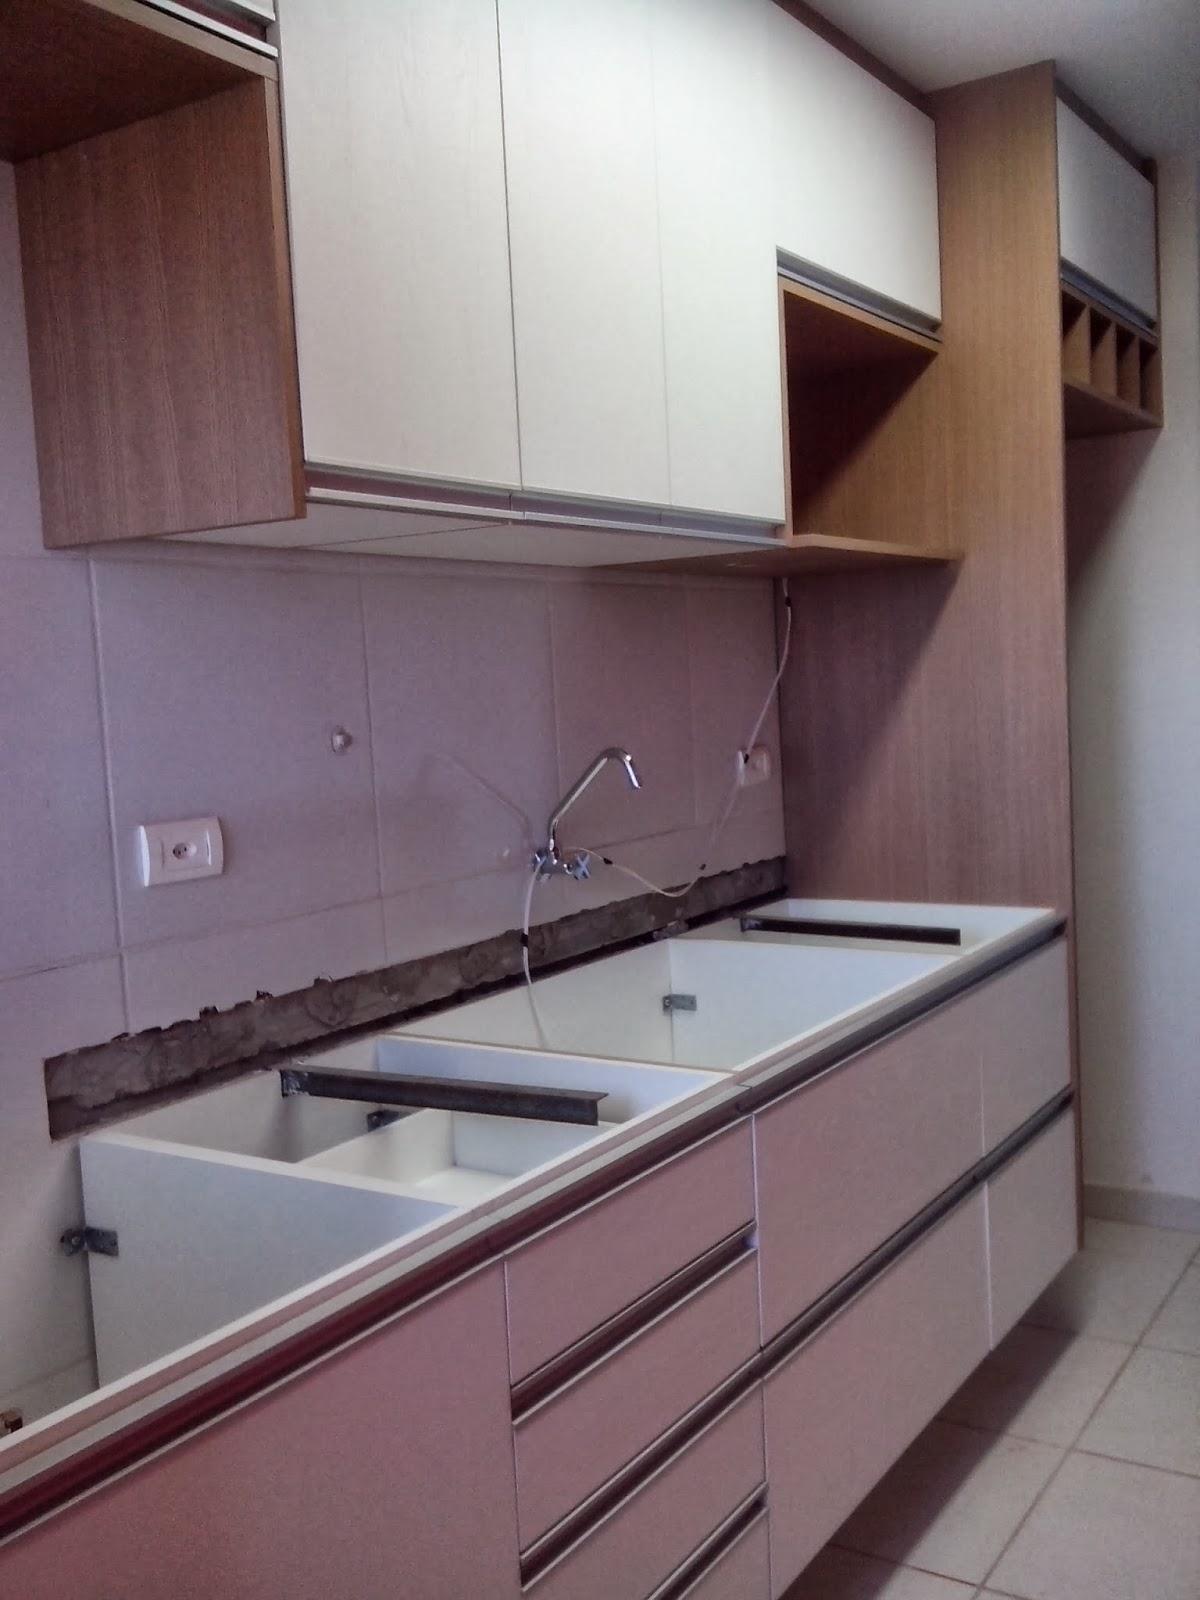 Reforma do meu apê: Montagem cozinha e lavanderia #7E5F4B 1200 1600